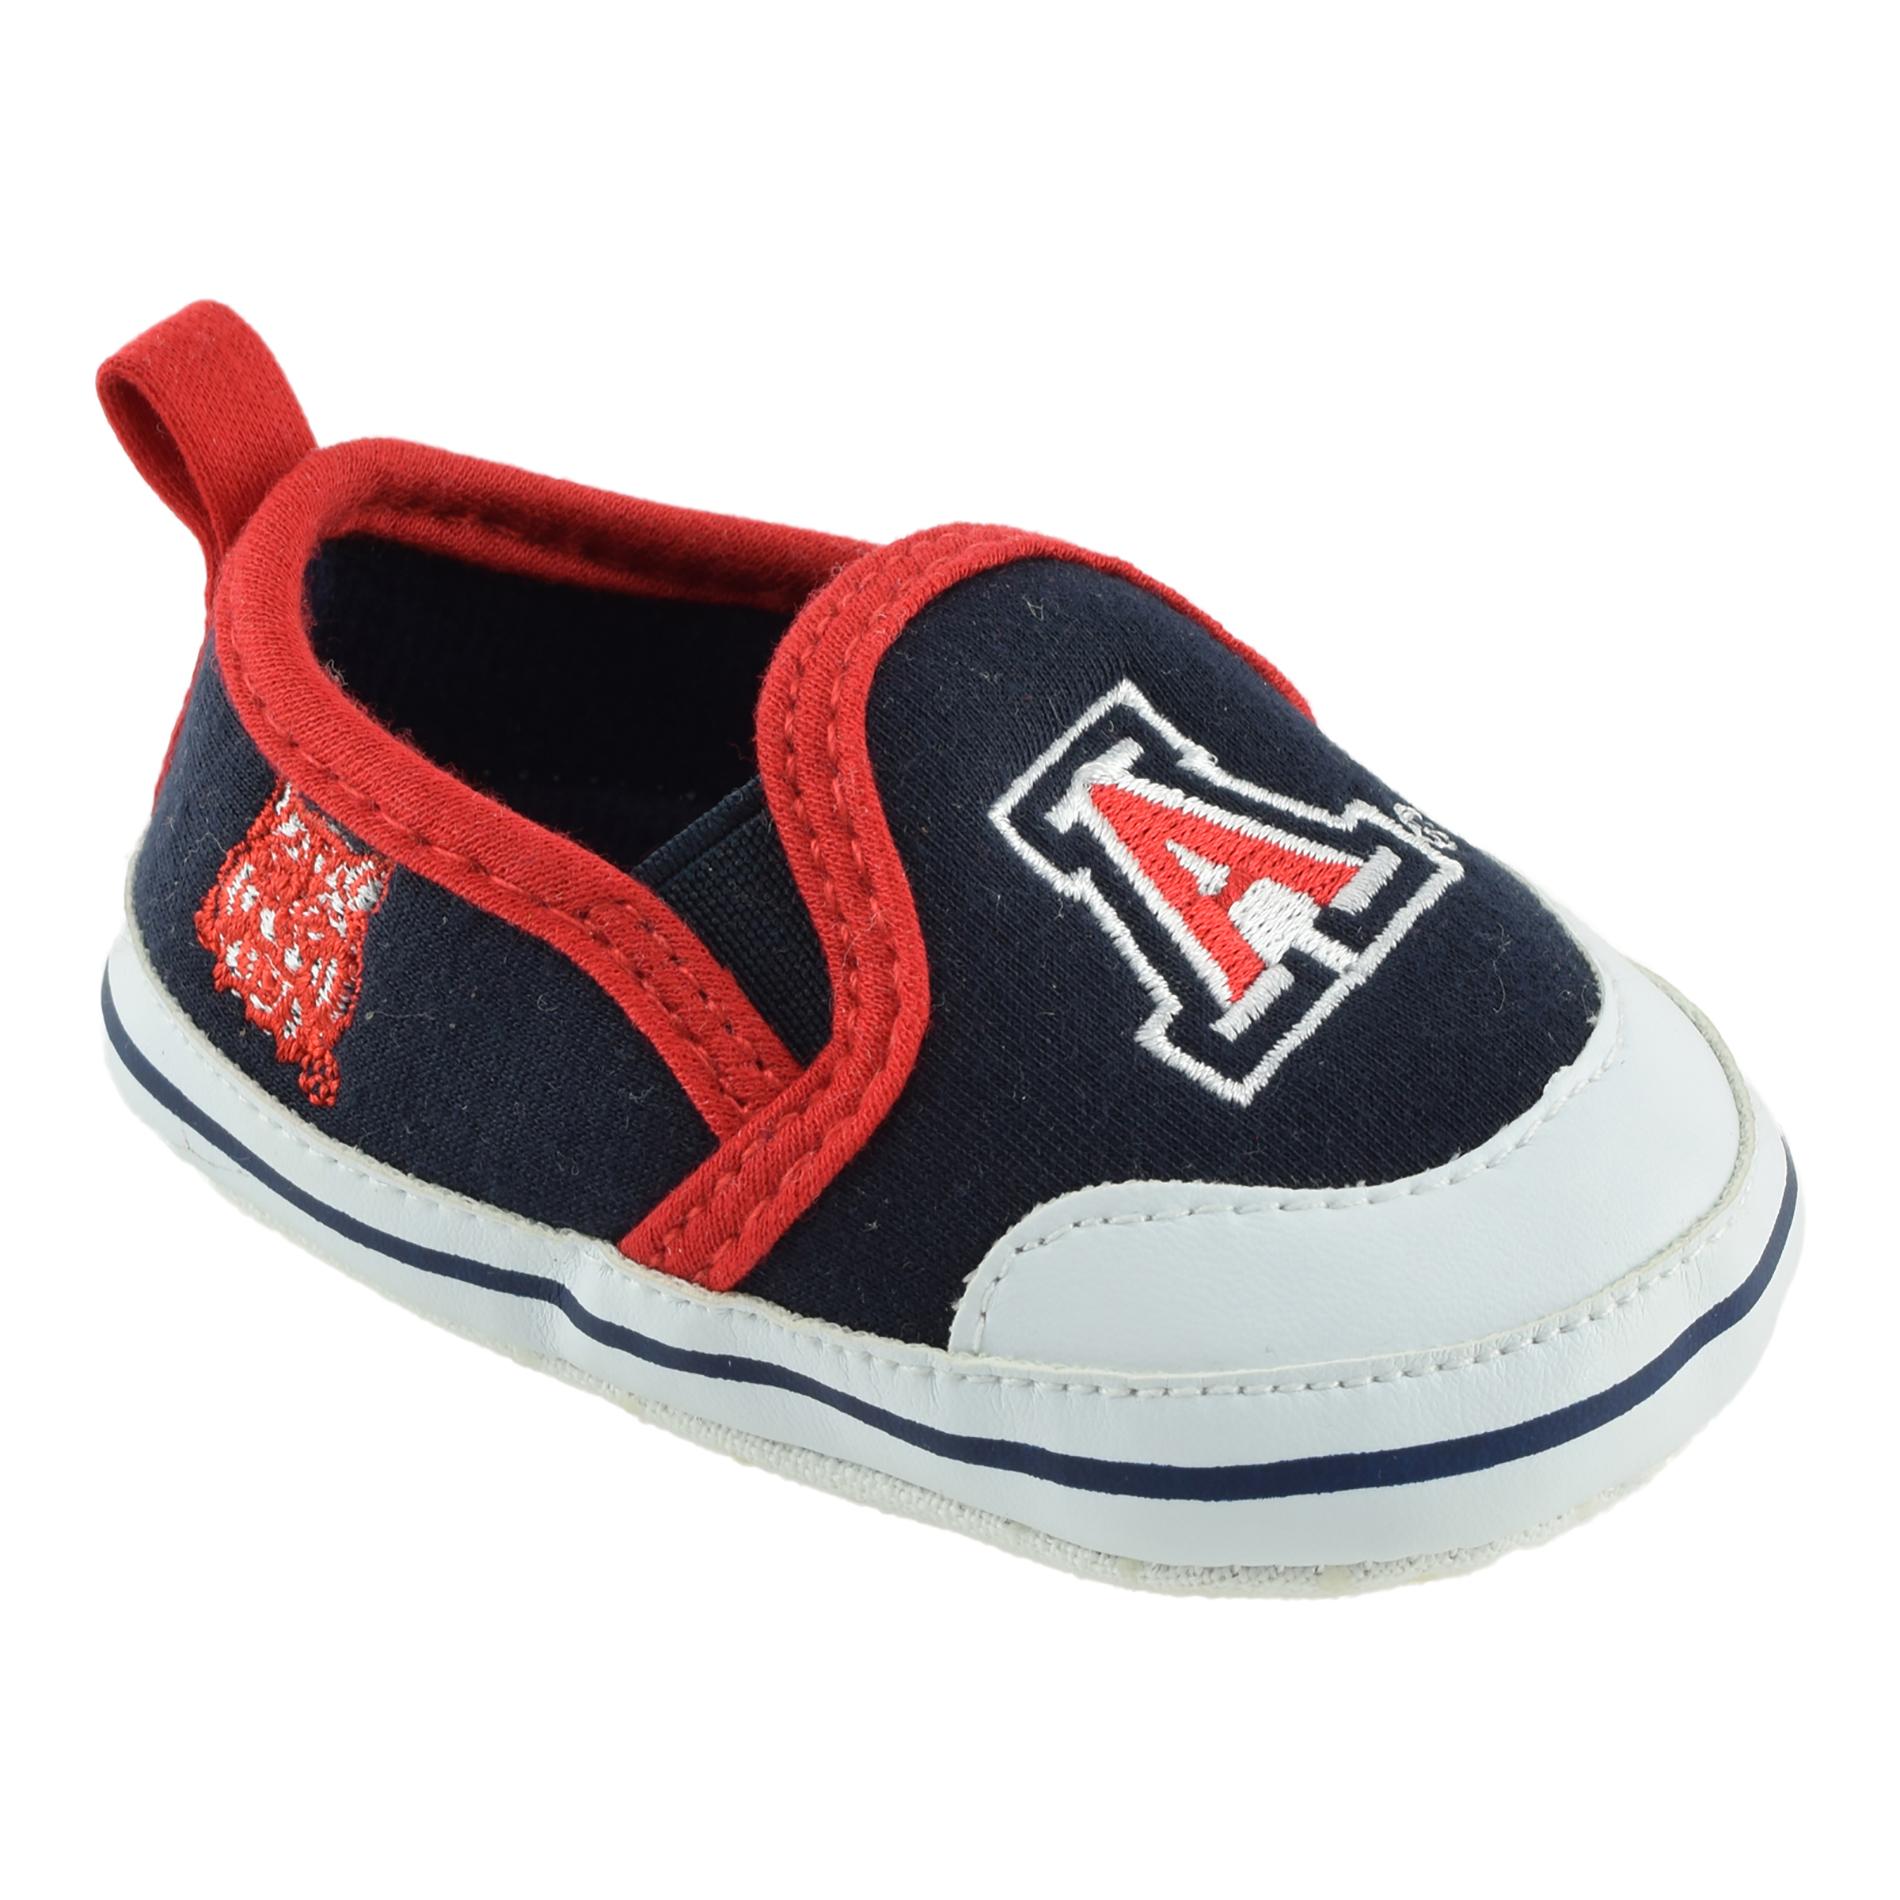 NCAA Infants' Prewalker Sneakers - Arizona Wildcats, Size: 9-12 Months